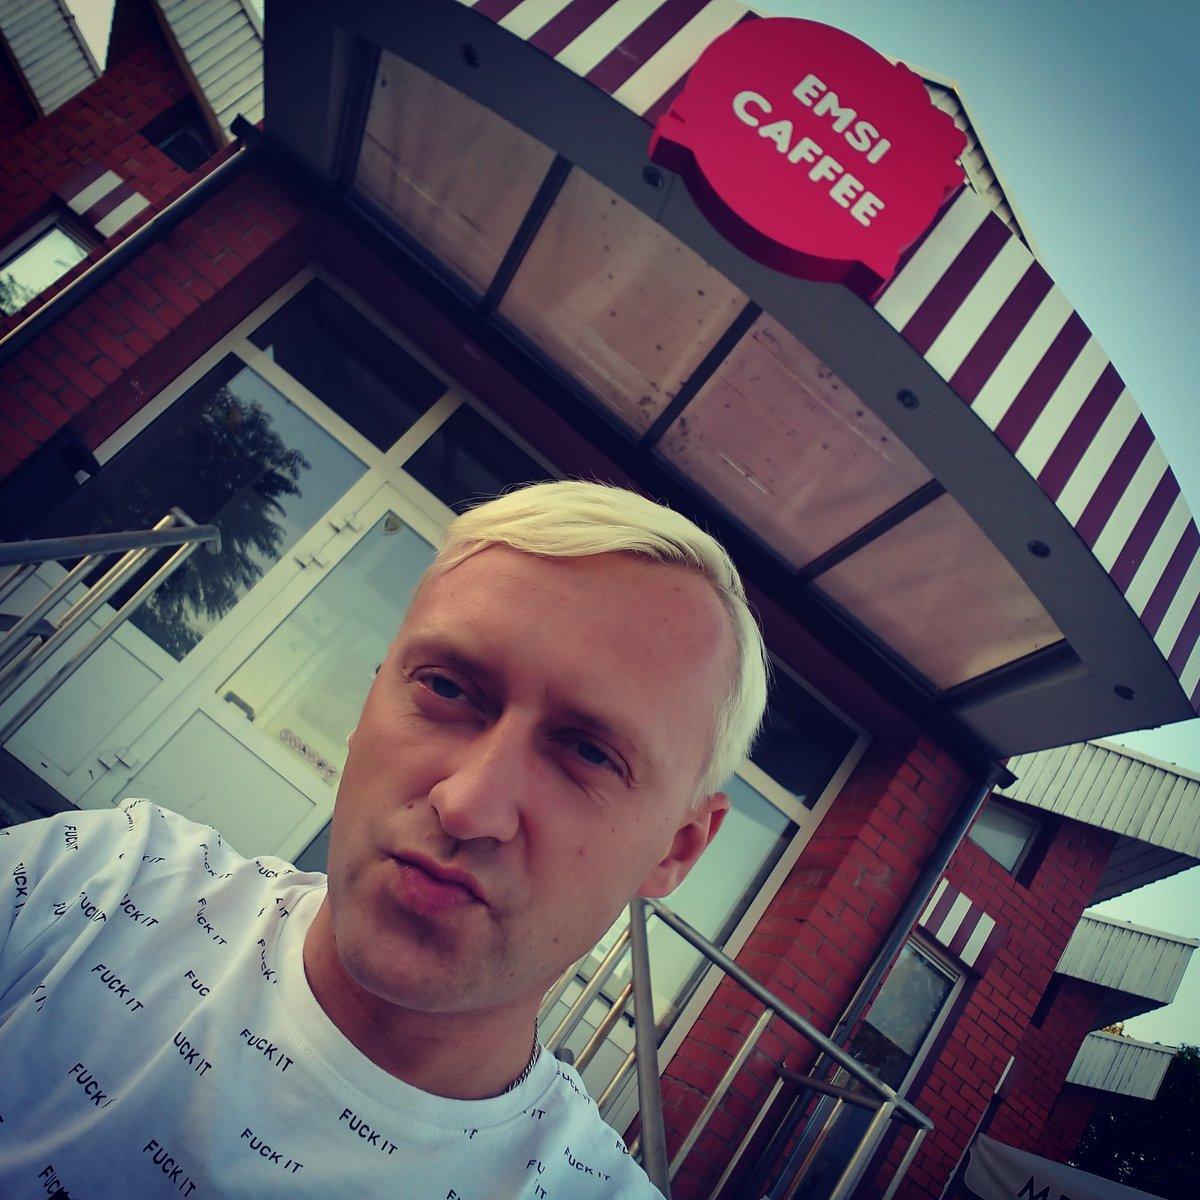 Šovakar tiekamies kur? Pareizi, gaumīgajā mājīgajā EMSI CAFFEE Līvānos! Nāciet, brauciet, teleportējies ciemos! #latvia #livani #emsicaffee #exdabass #seeya